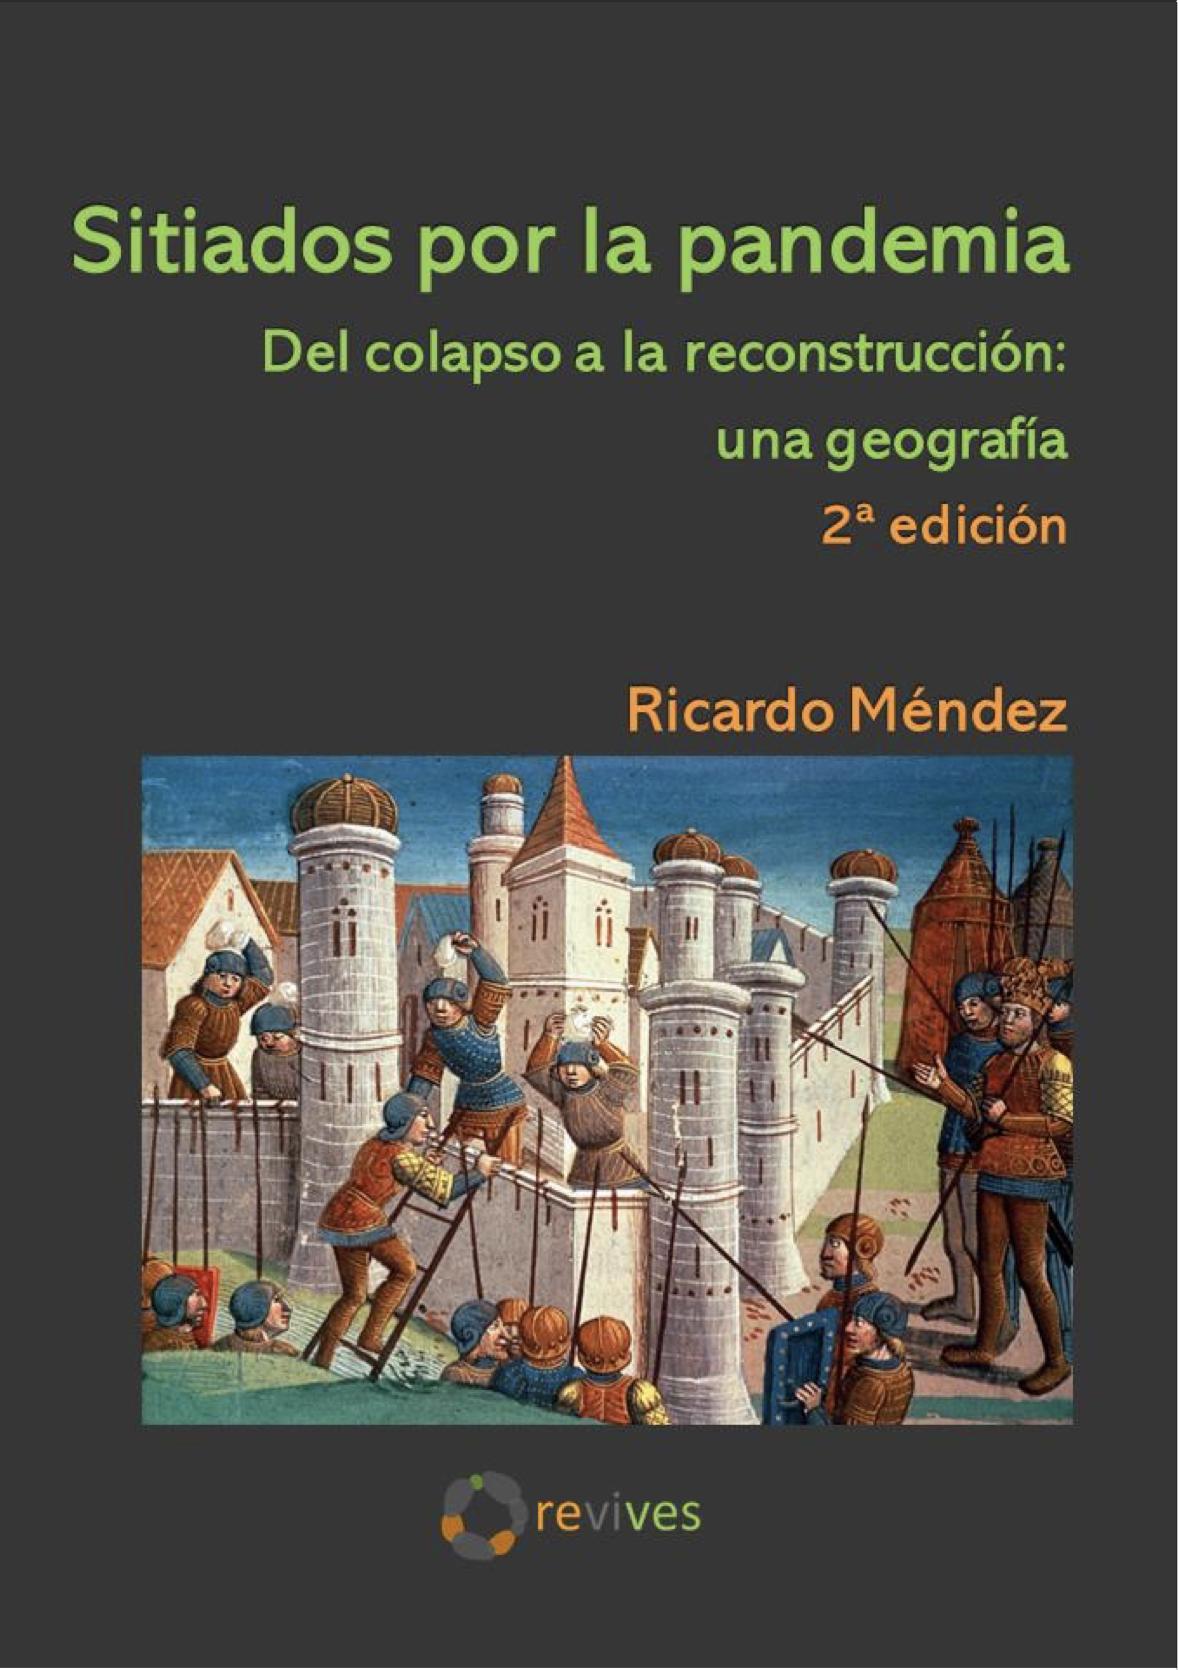 Sitiados por la pandemia - Ricardo Méndez